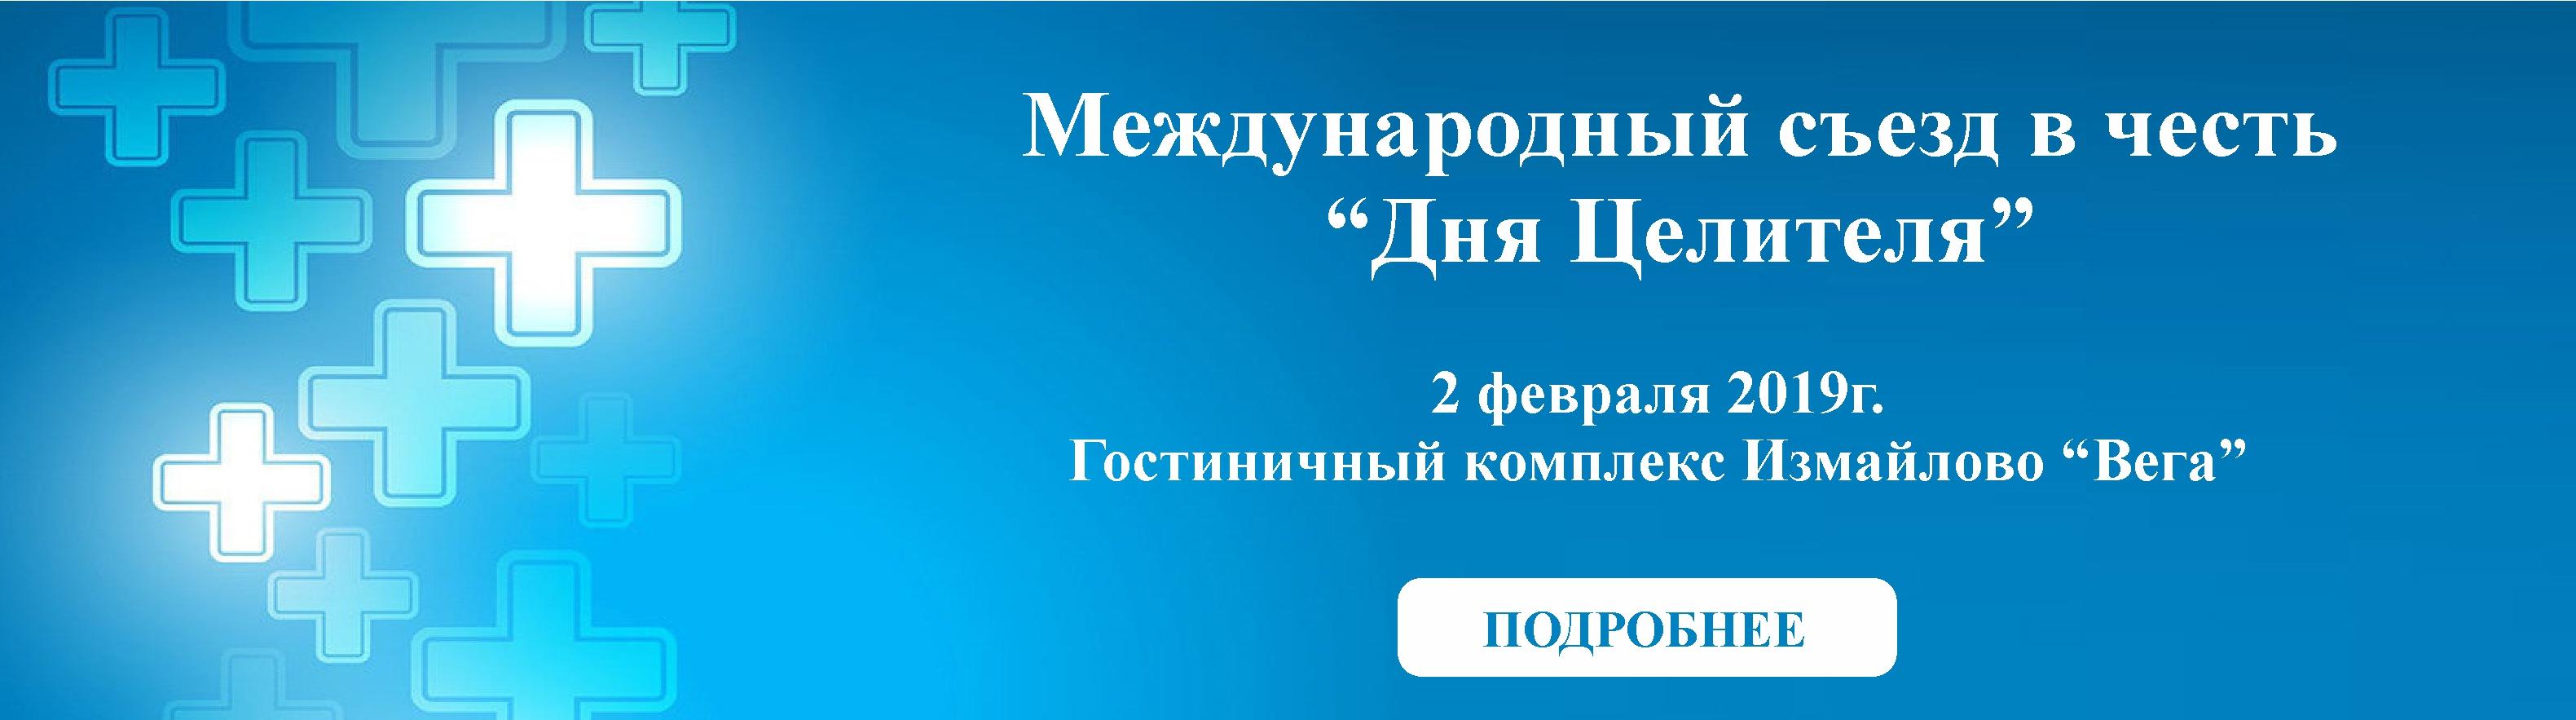 Сайта главная 1 - Для Сайта главная